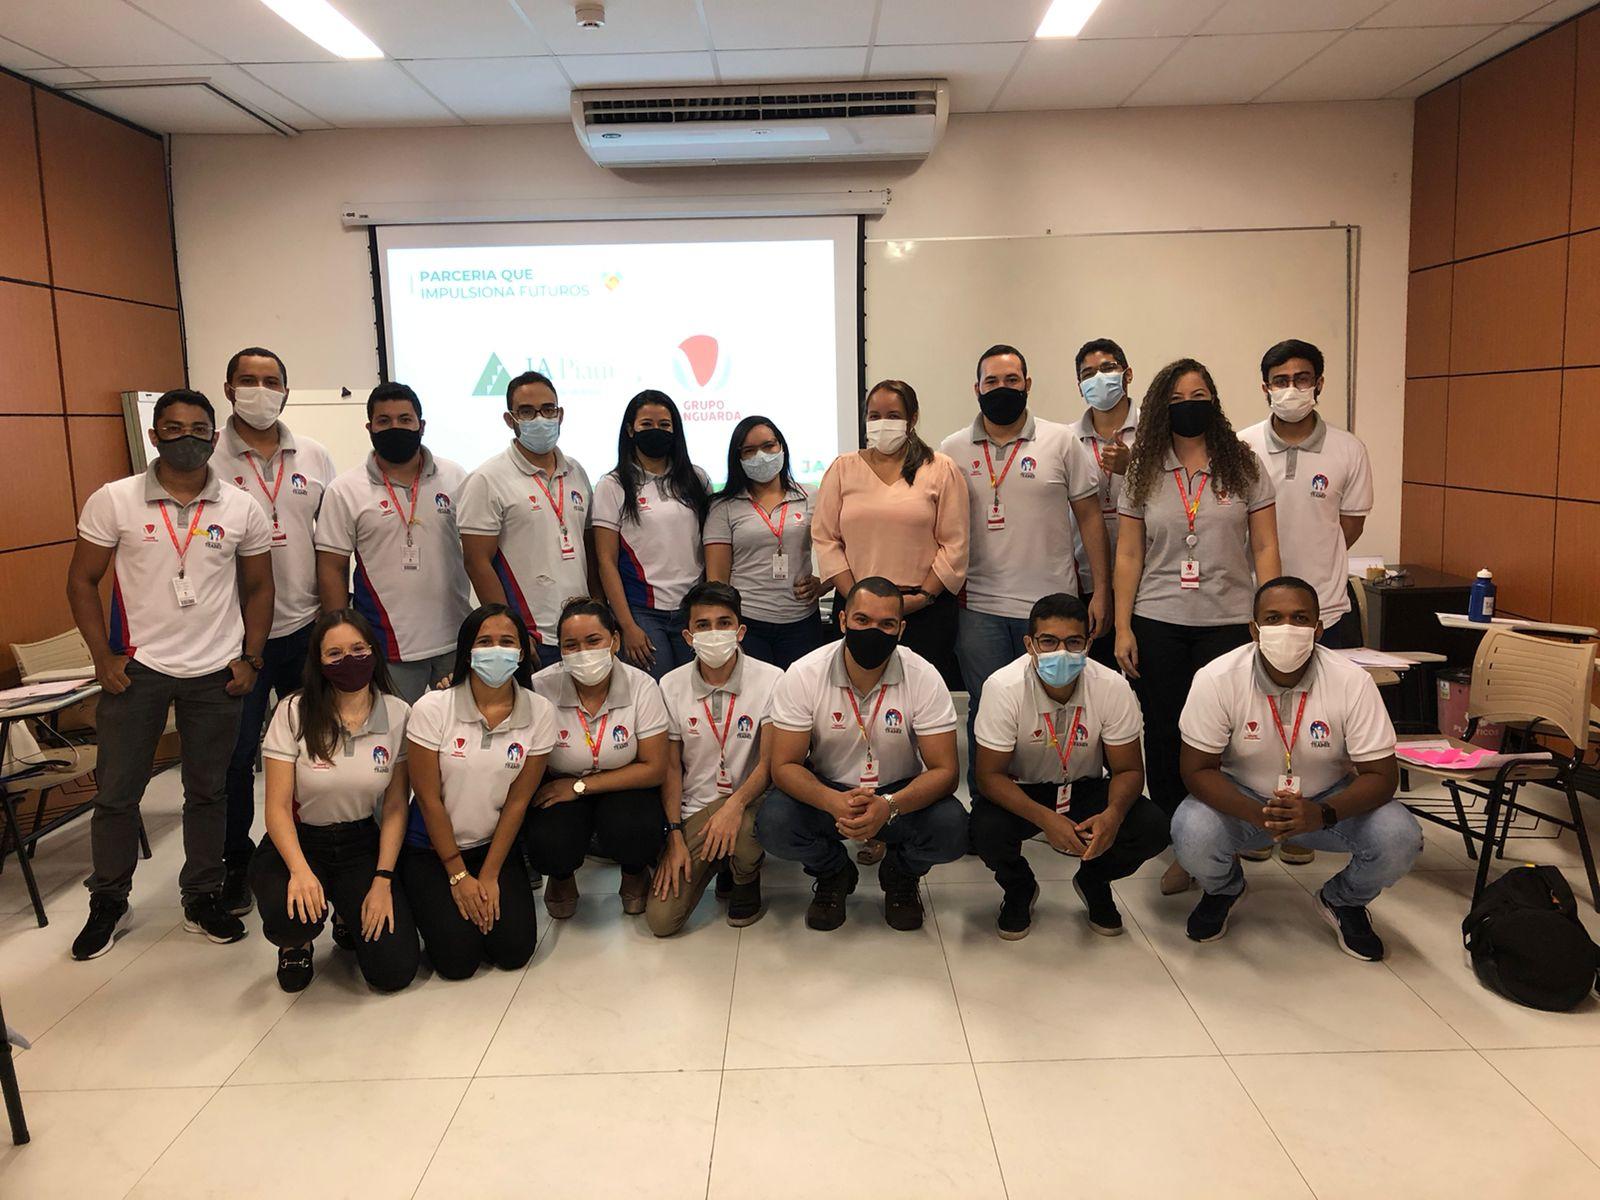 JA Piauí aplica programa para trainners